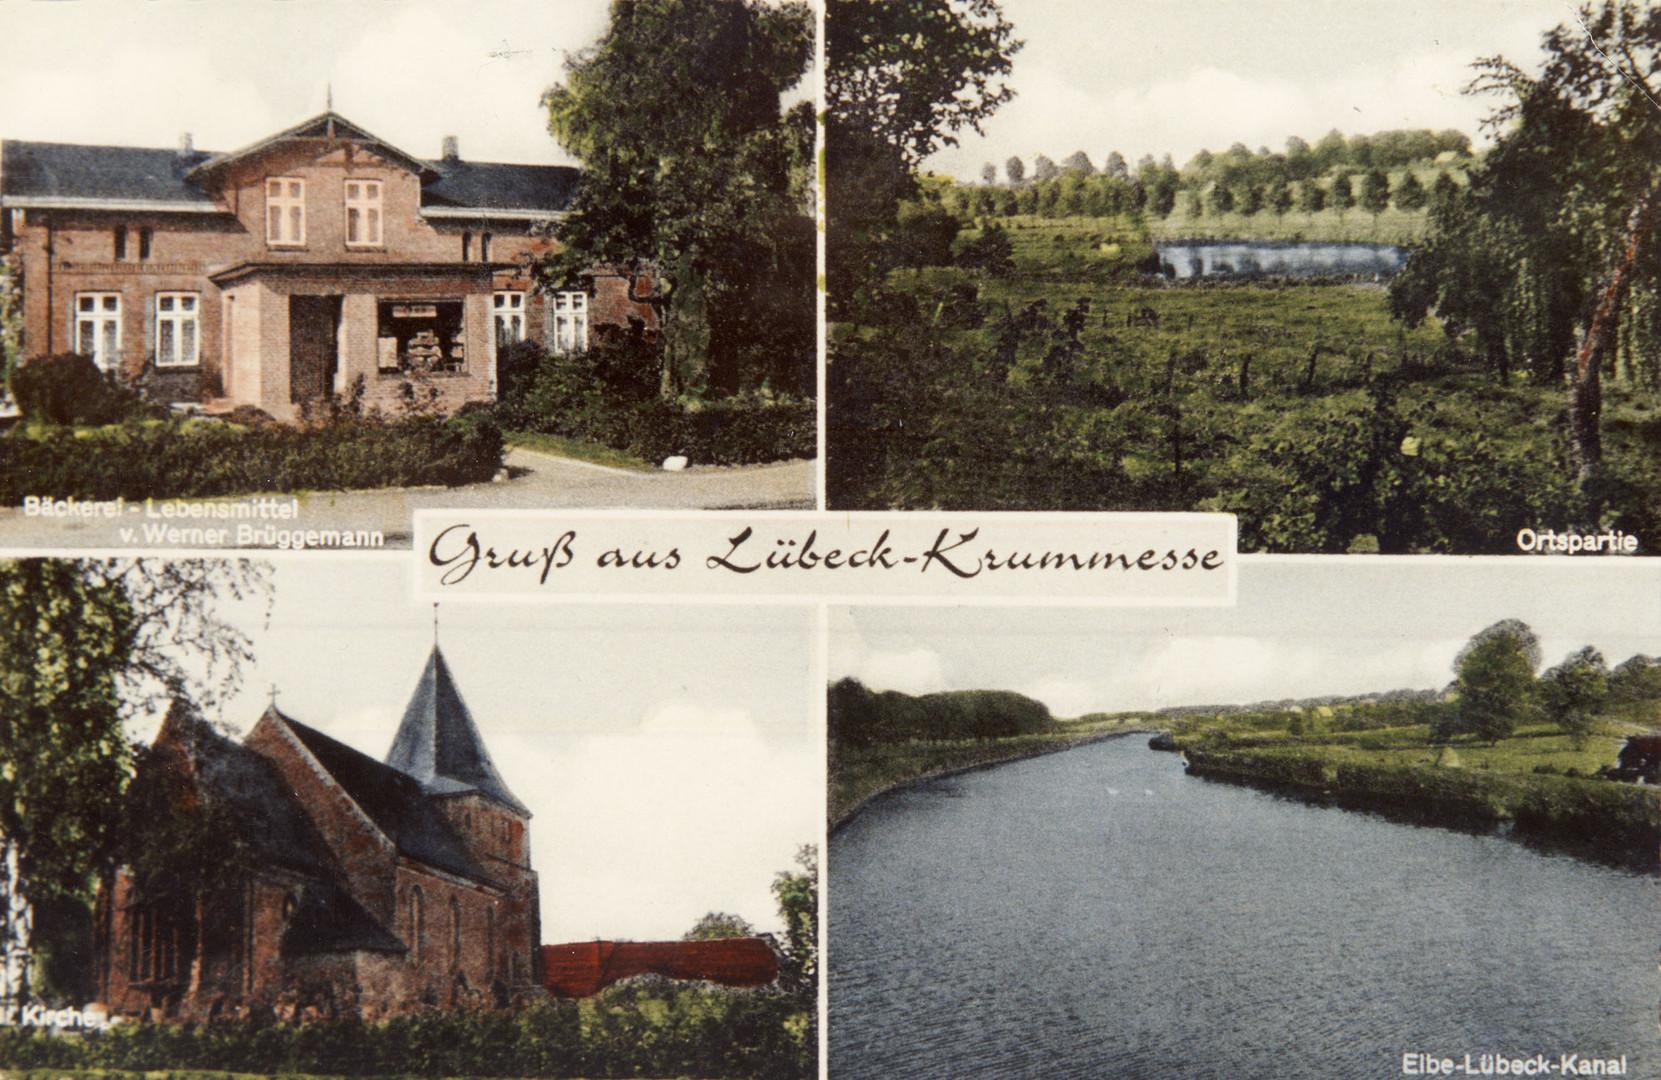 Gruß aus Lübeck-Krummesse